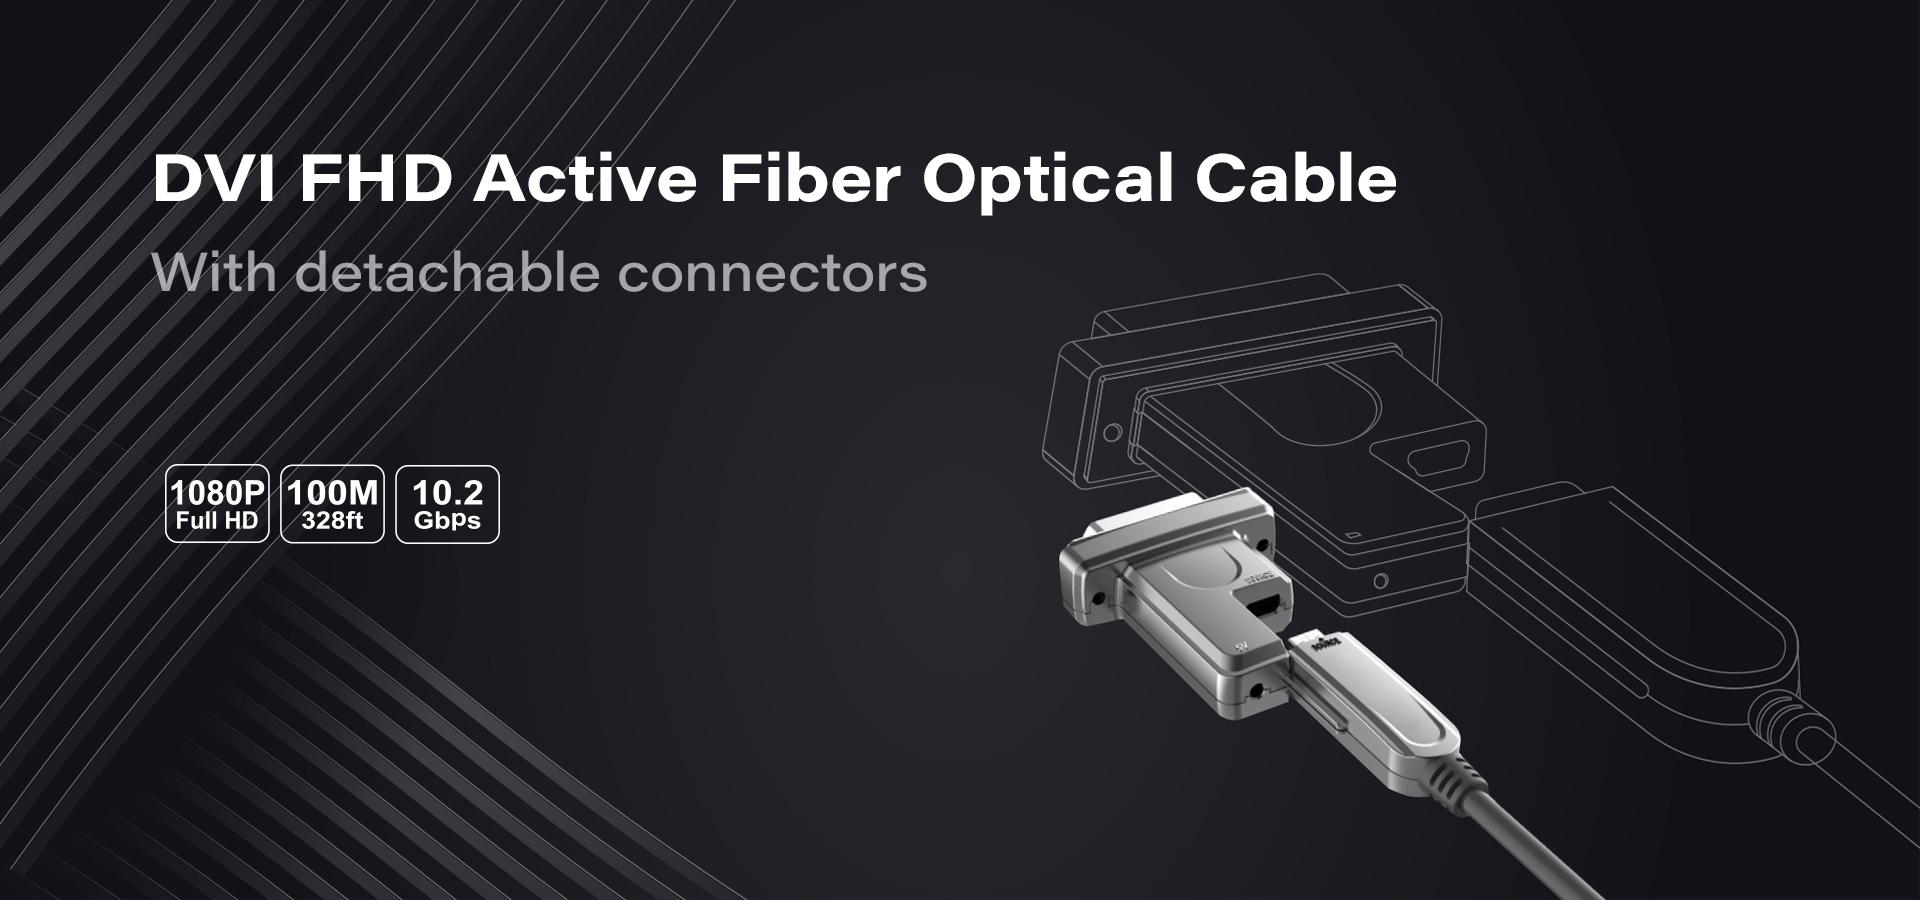 infobit-dvi-active-optical-fiber-cable-detachable-1080p-hd